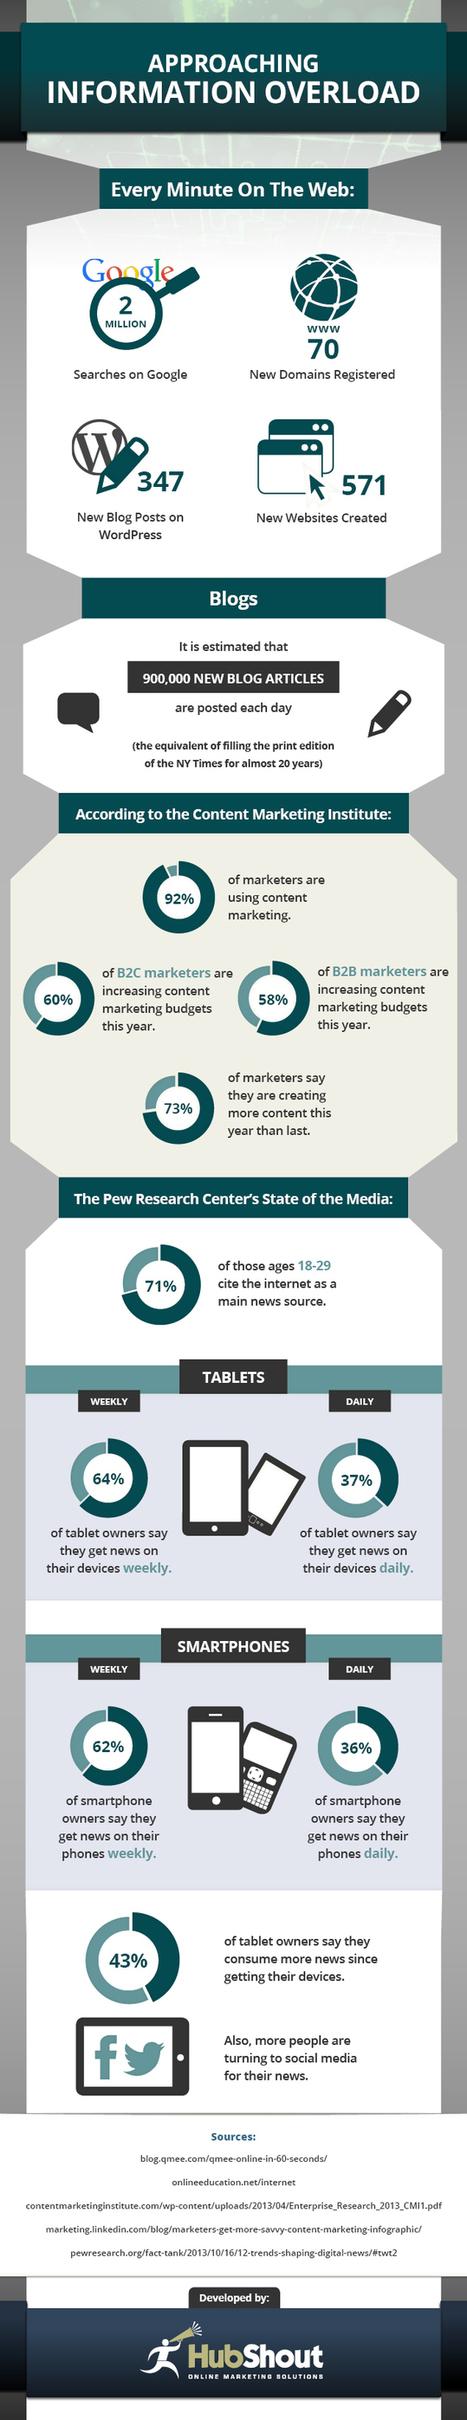 ¿Qué sucederá con el marketing de contenidos? | Seo, Social Media Marketing | Scoop.it